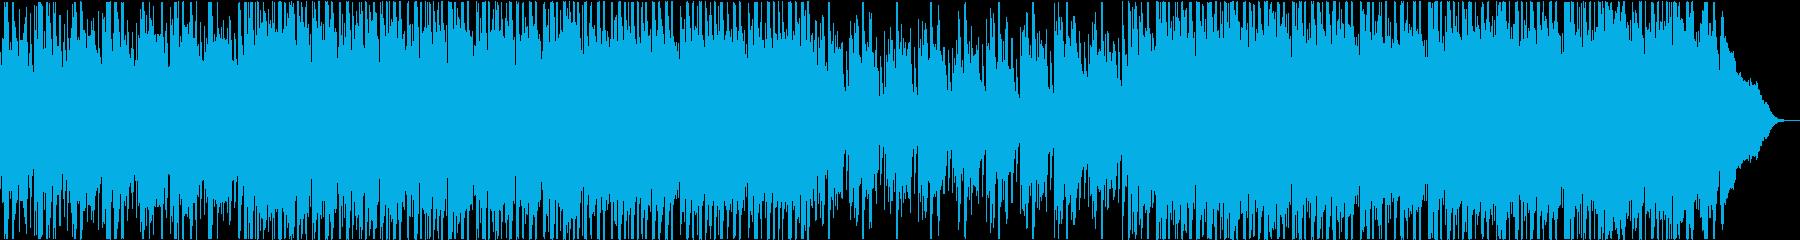 さわやなアコギのトロピカルハウスの再生済みの波形